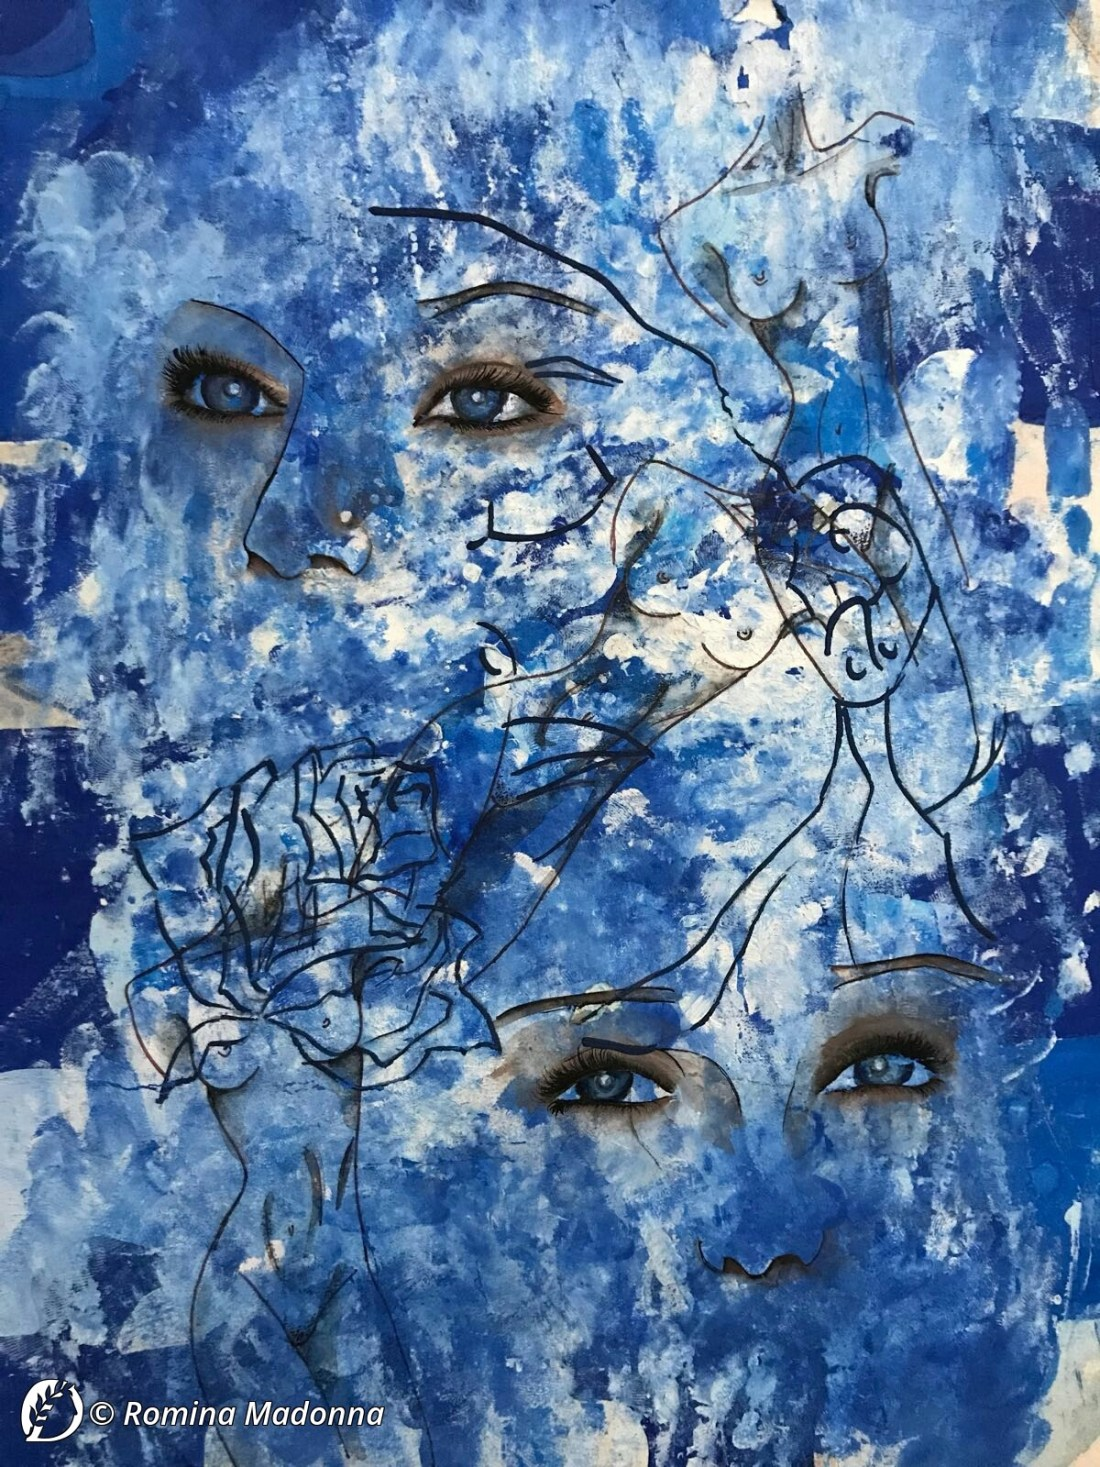 """Dantebus - """"tratto da ritratto di Madonna personalizzato"""" Romina Madonna"""